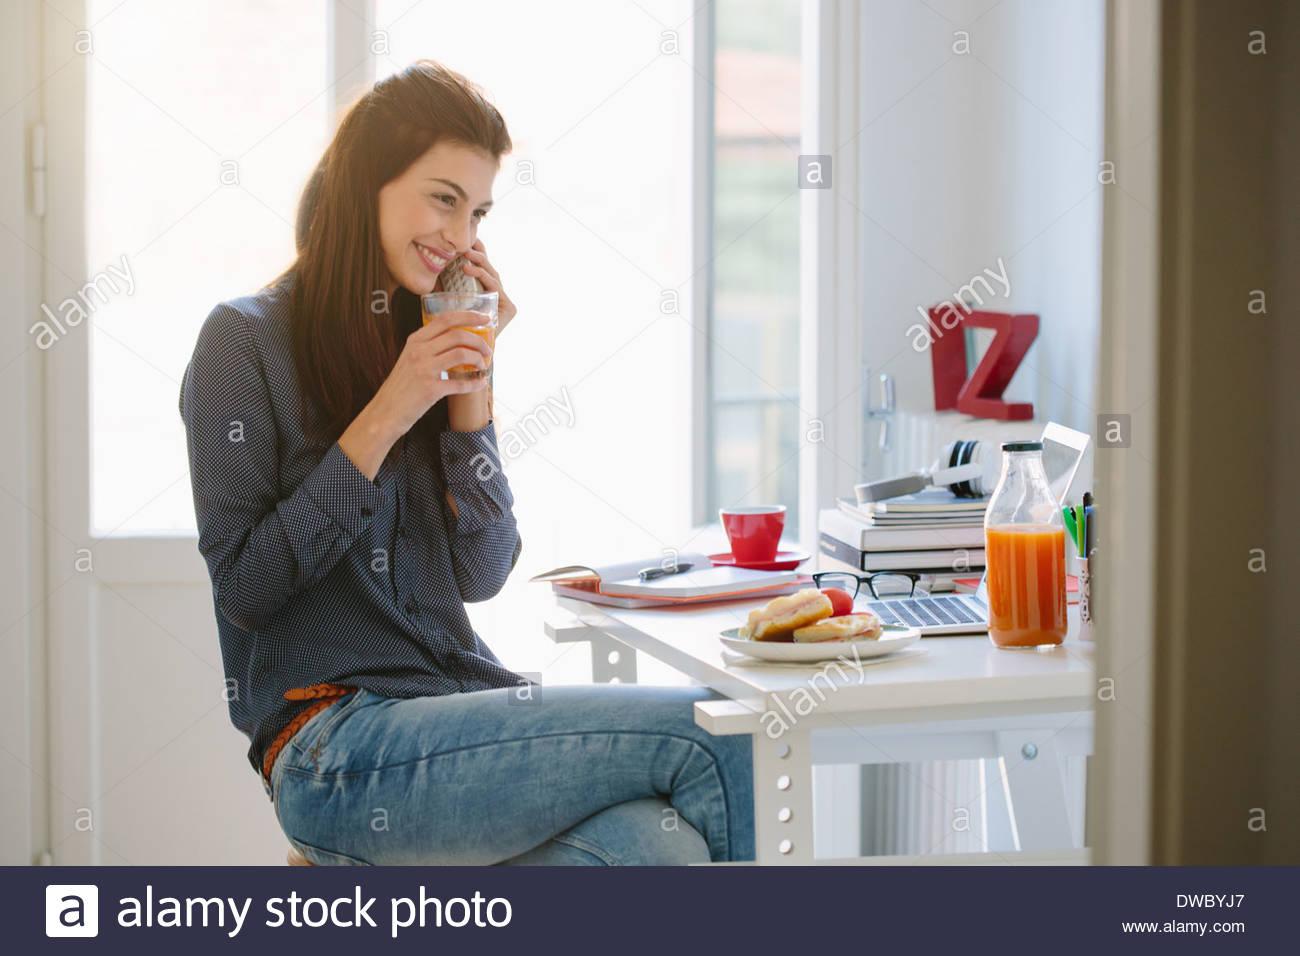 Jeune femme à l'aide de téléphone tout en déjeunant Photo Stock